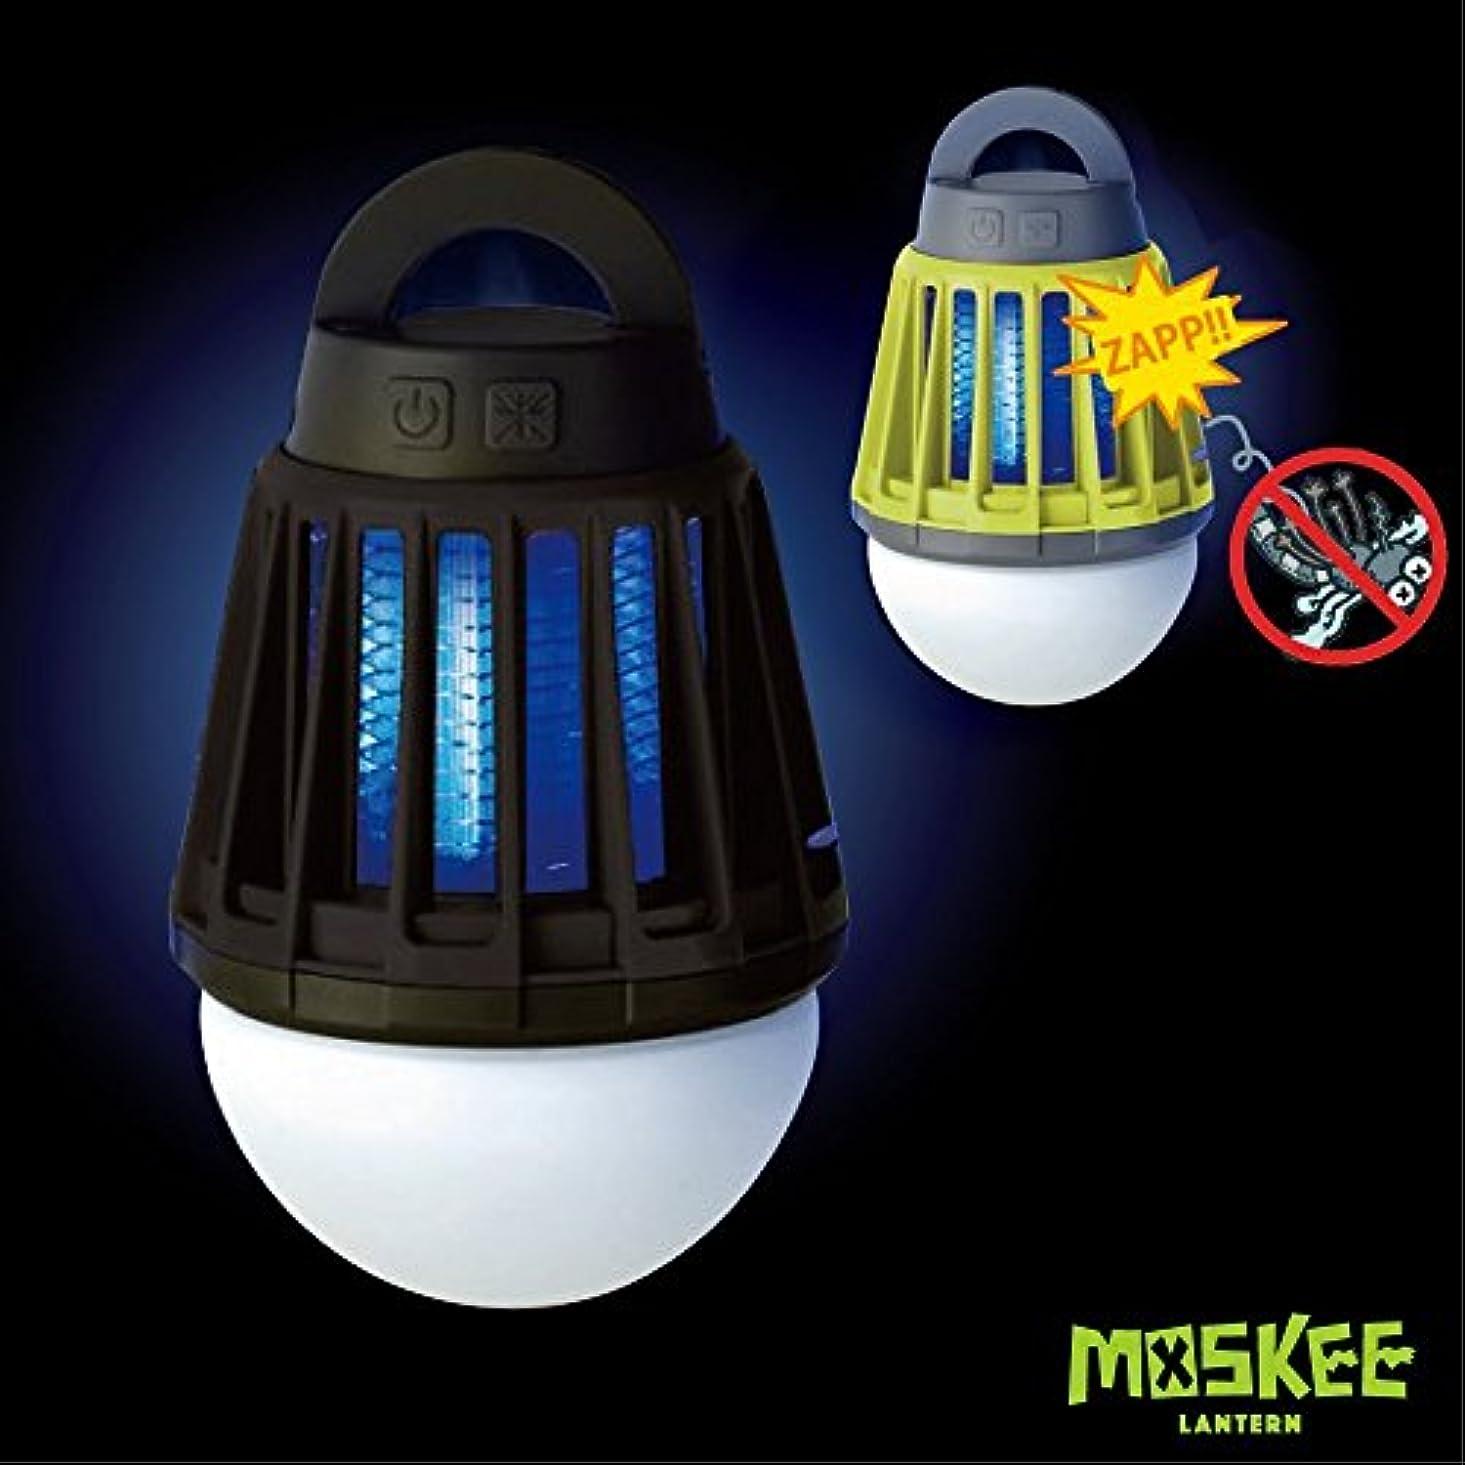 効能誤解する起こるMOSKEE LANTERN(モスキーランタン) LEDライトと殺虫ライトが一つになったポータブルランタン